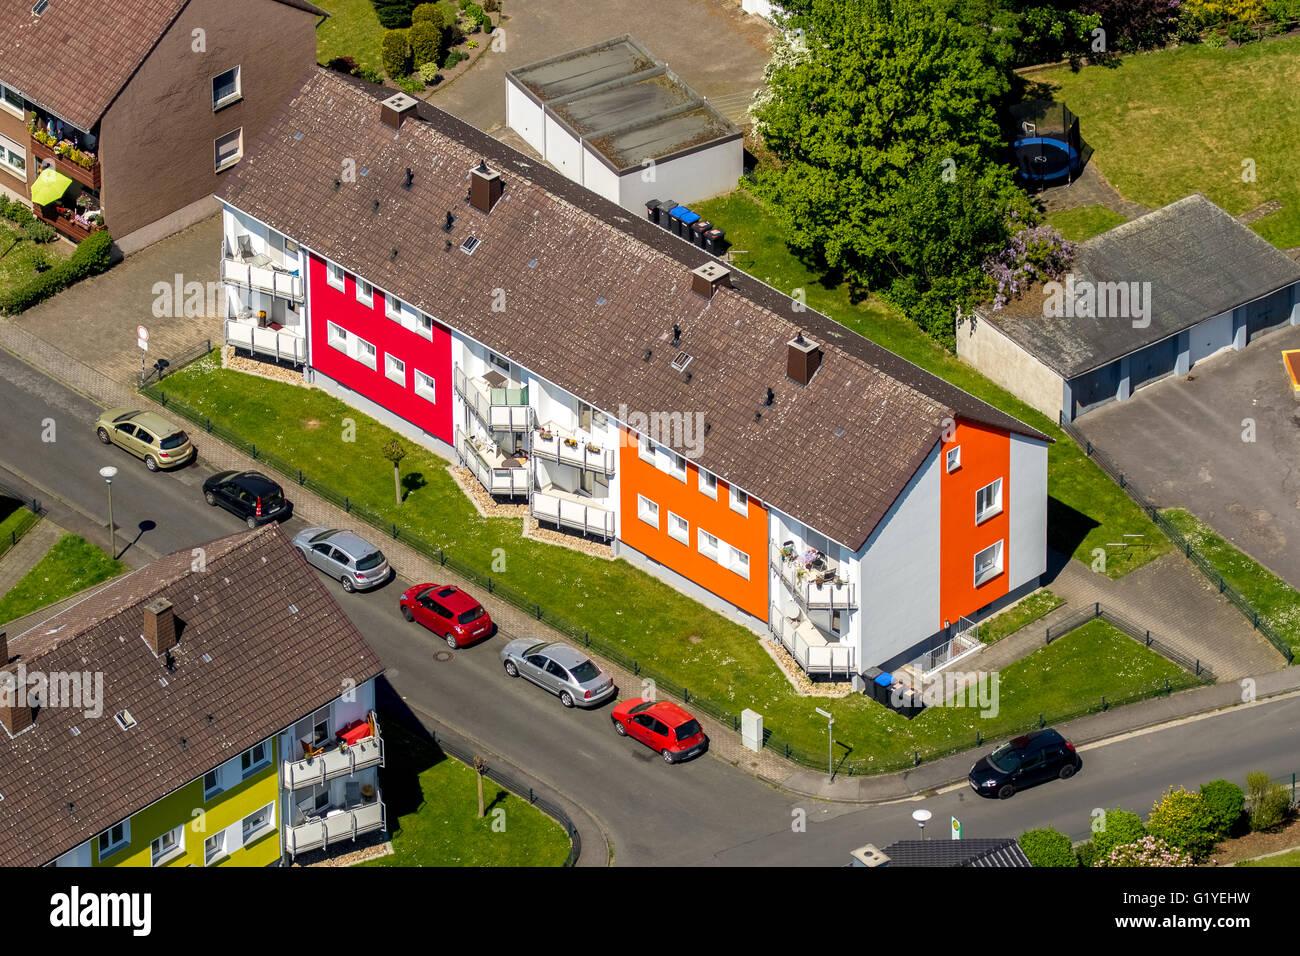 Luftbild, Mehrfamilienhäuser als Teilnehmer in einem Wettbewerb Fassade zu vermieten, Mehrfamilienhäuser, Hamm, Stockfoto